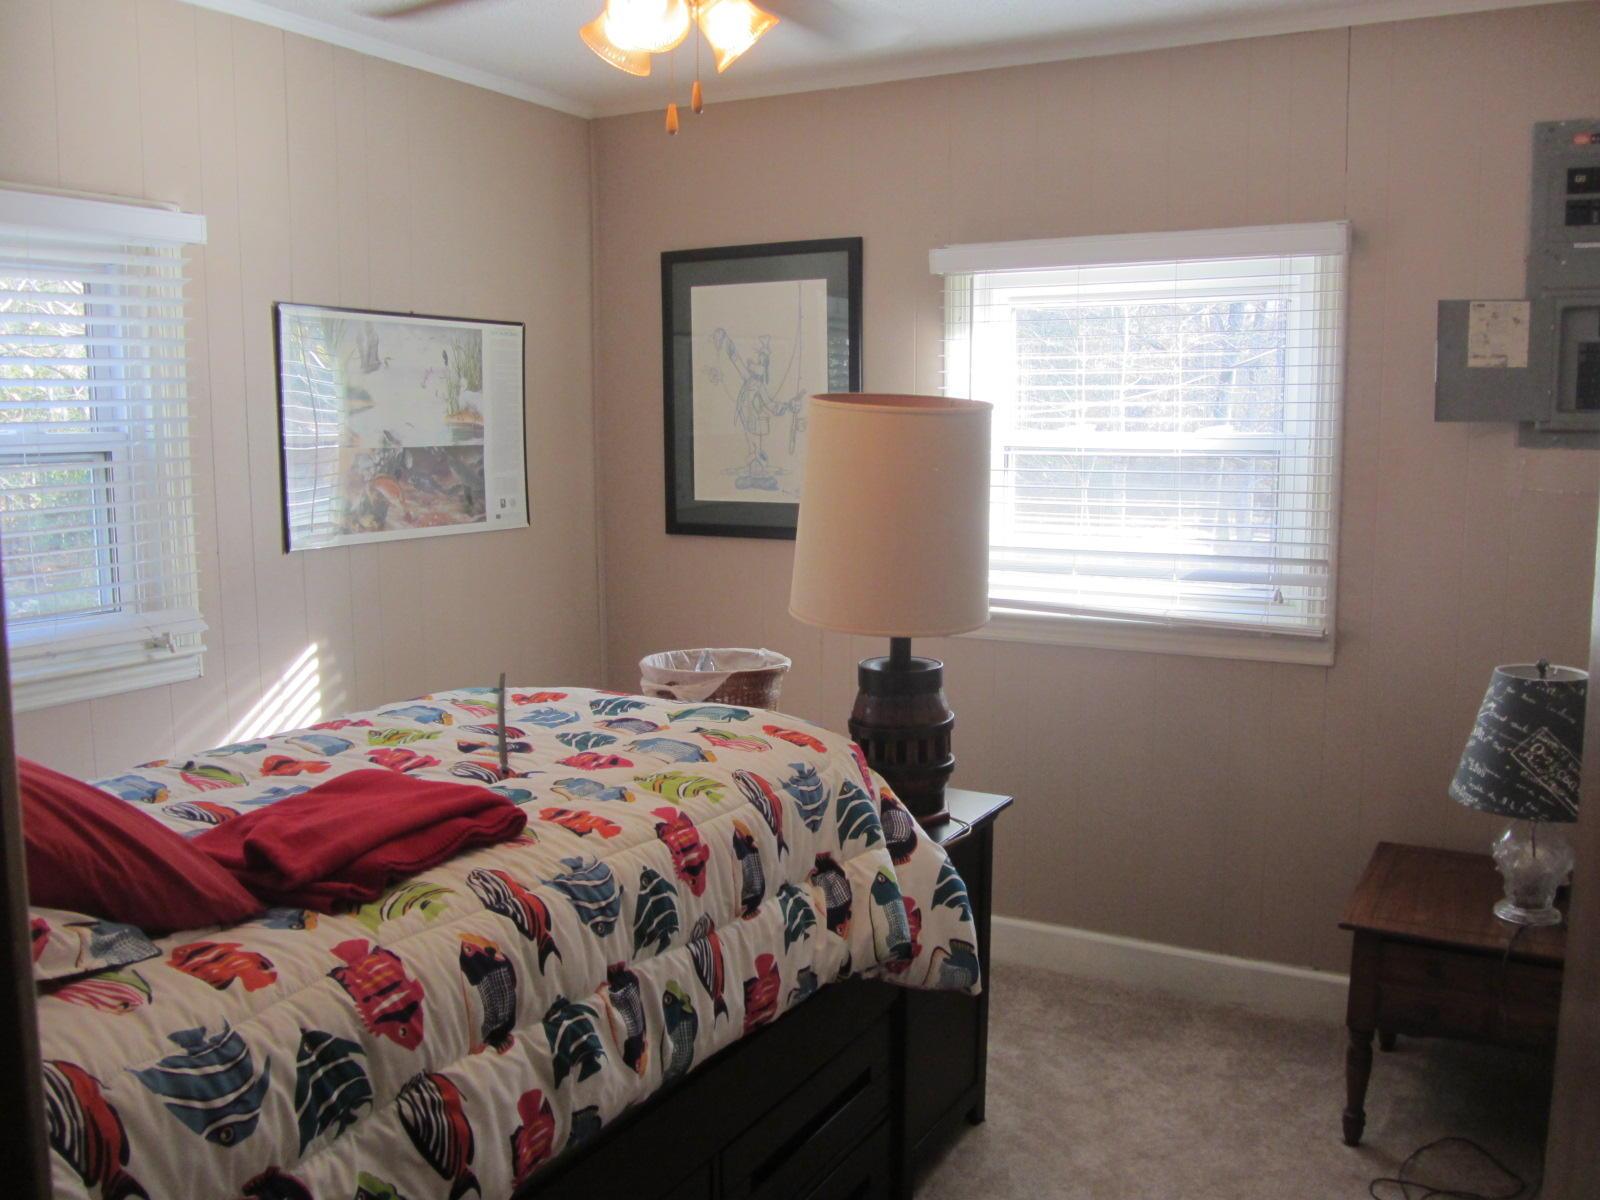 Edisto River Homes For Sale - 265 Blackwater, Round O, SC - 21